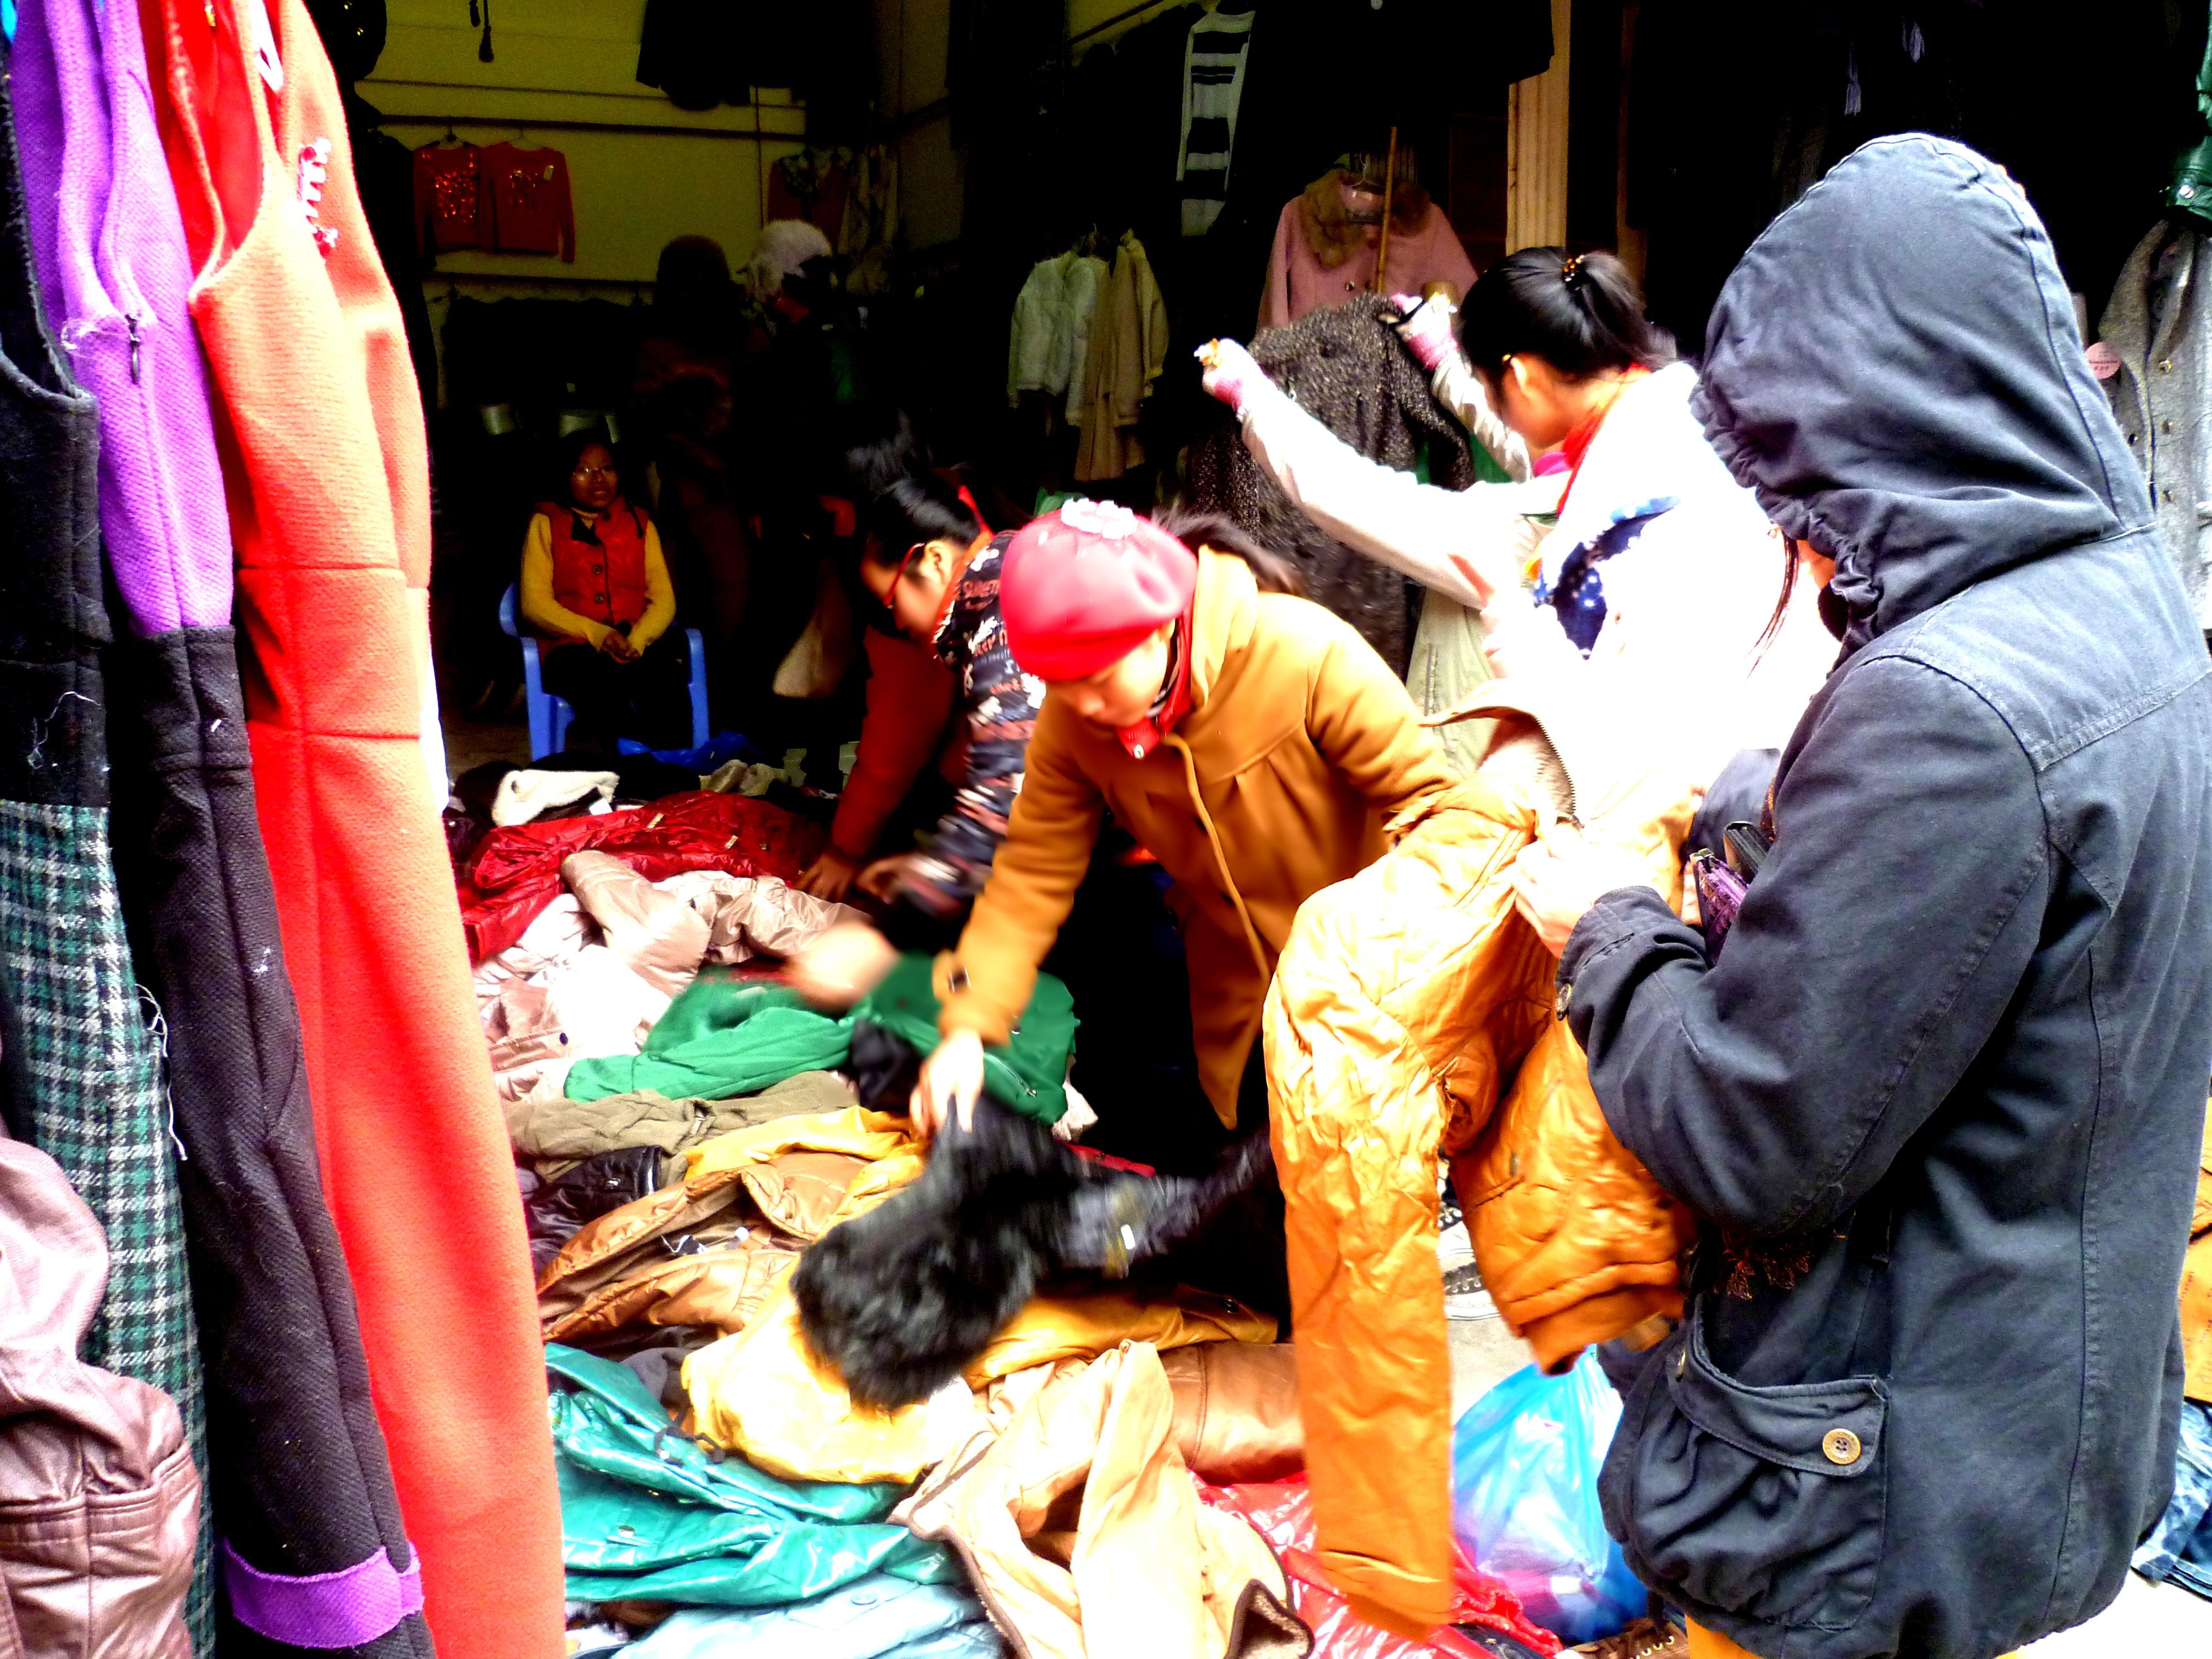 Hình ảnh Cuối năm: Vào chợ đầu mối, săn quần áo giá rẻ số 4